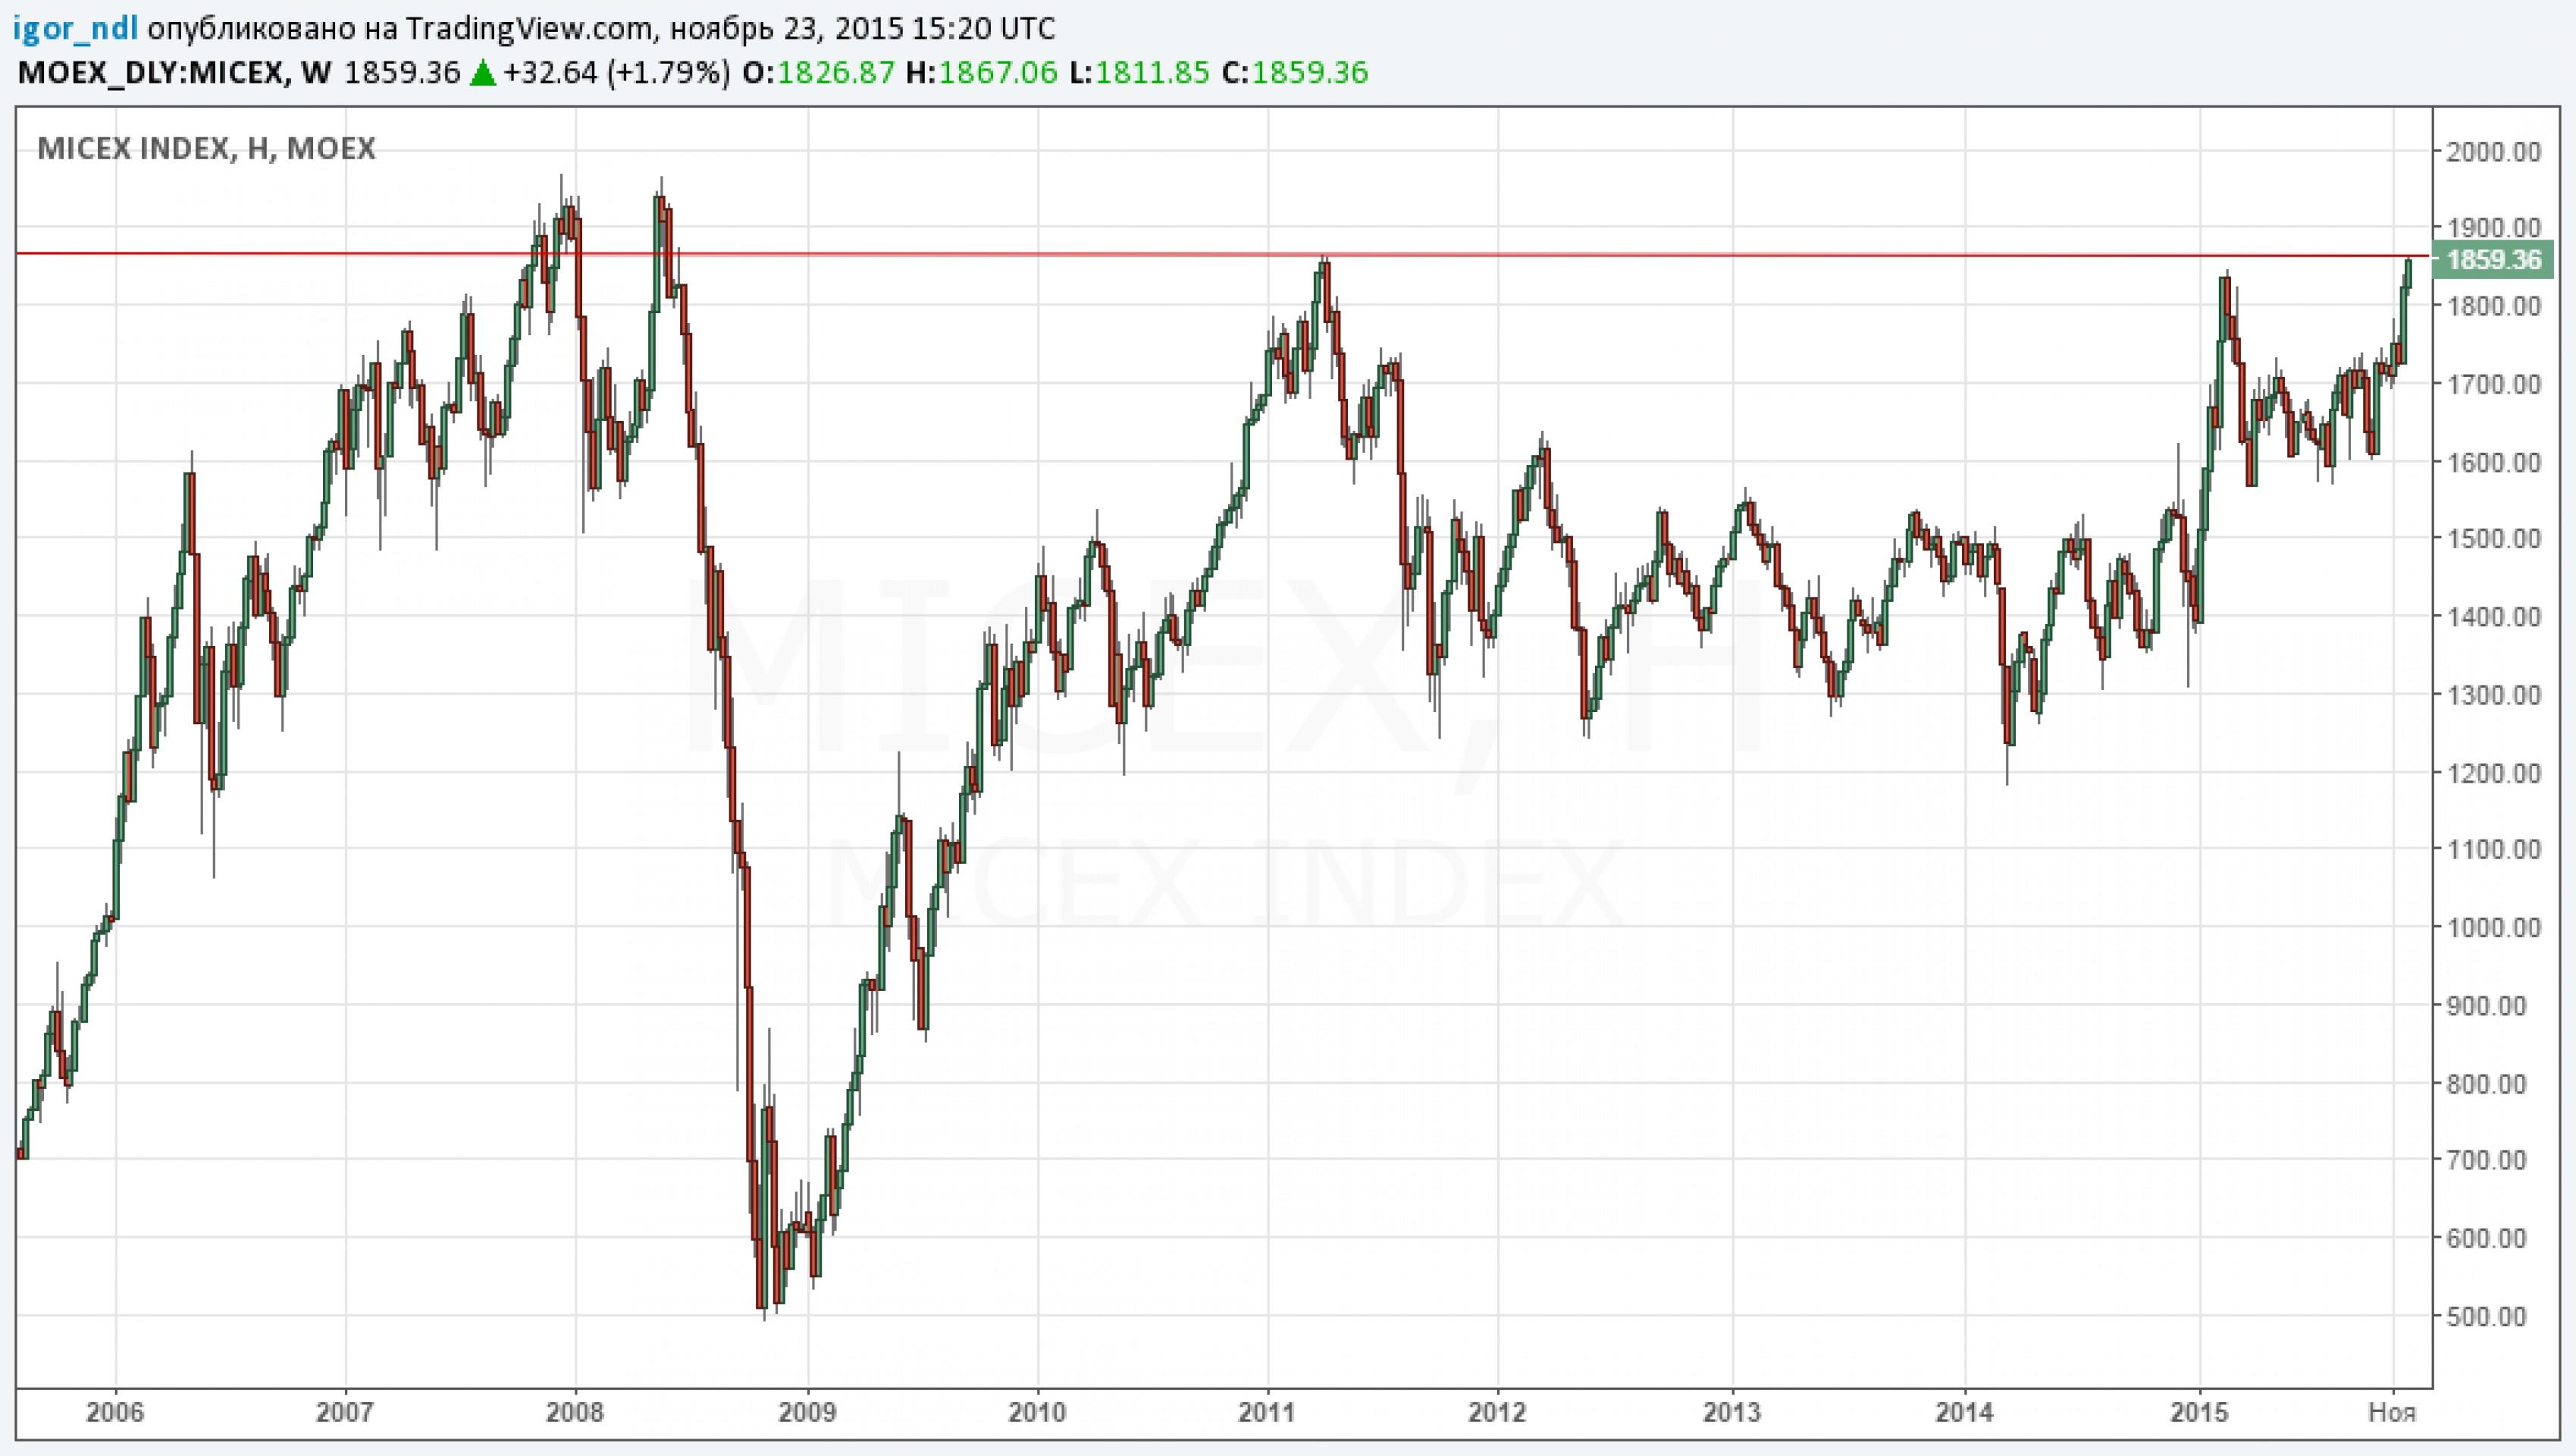 Индекс ММВБ достиг максимума за 7 лет. Нефть в плюсе